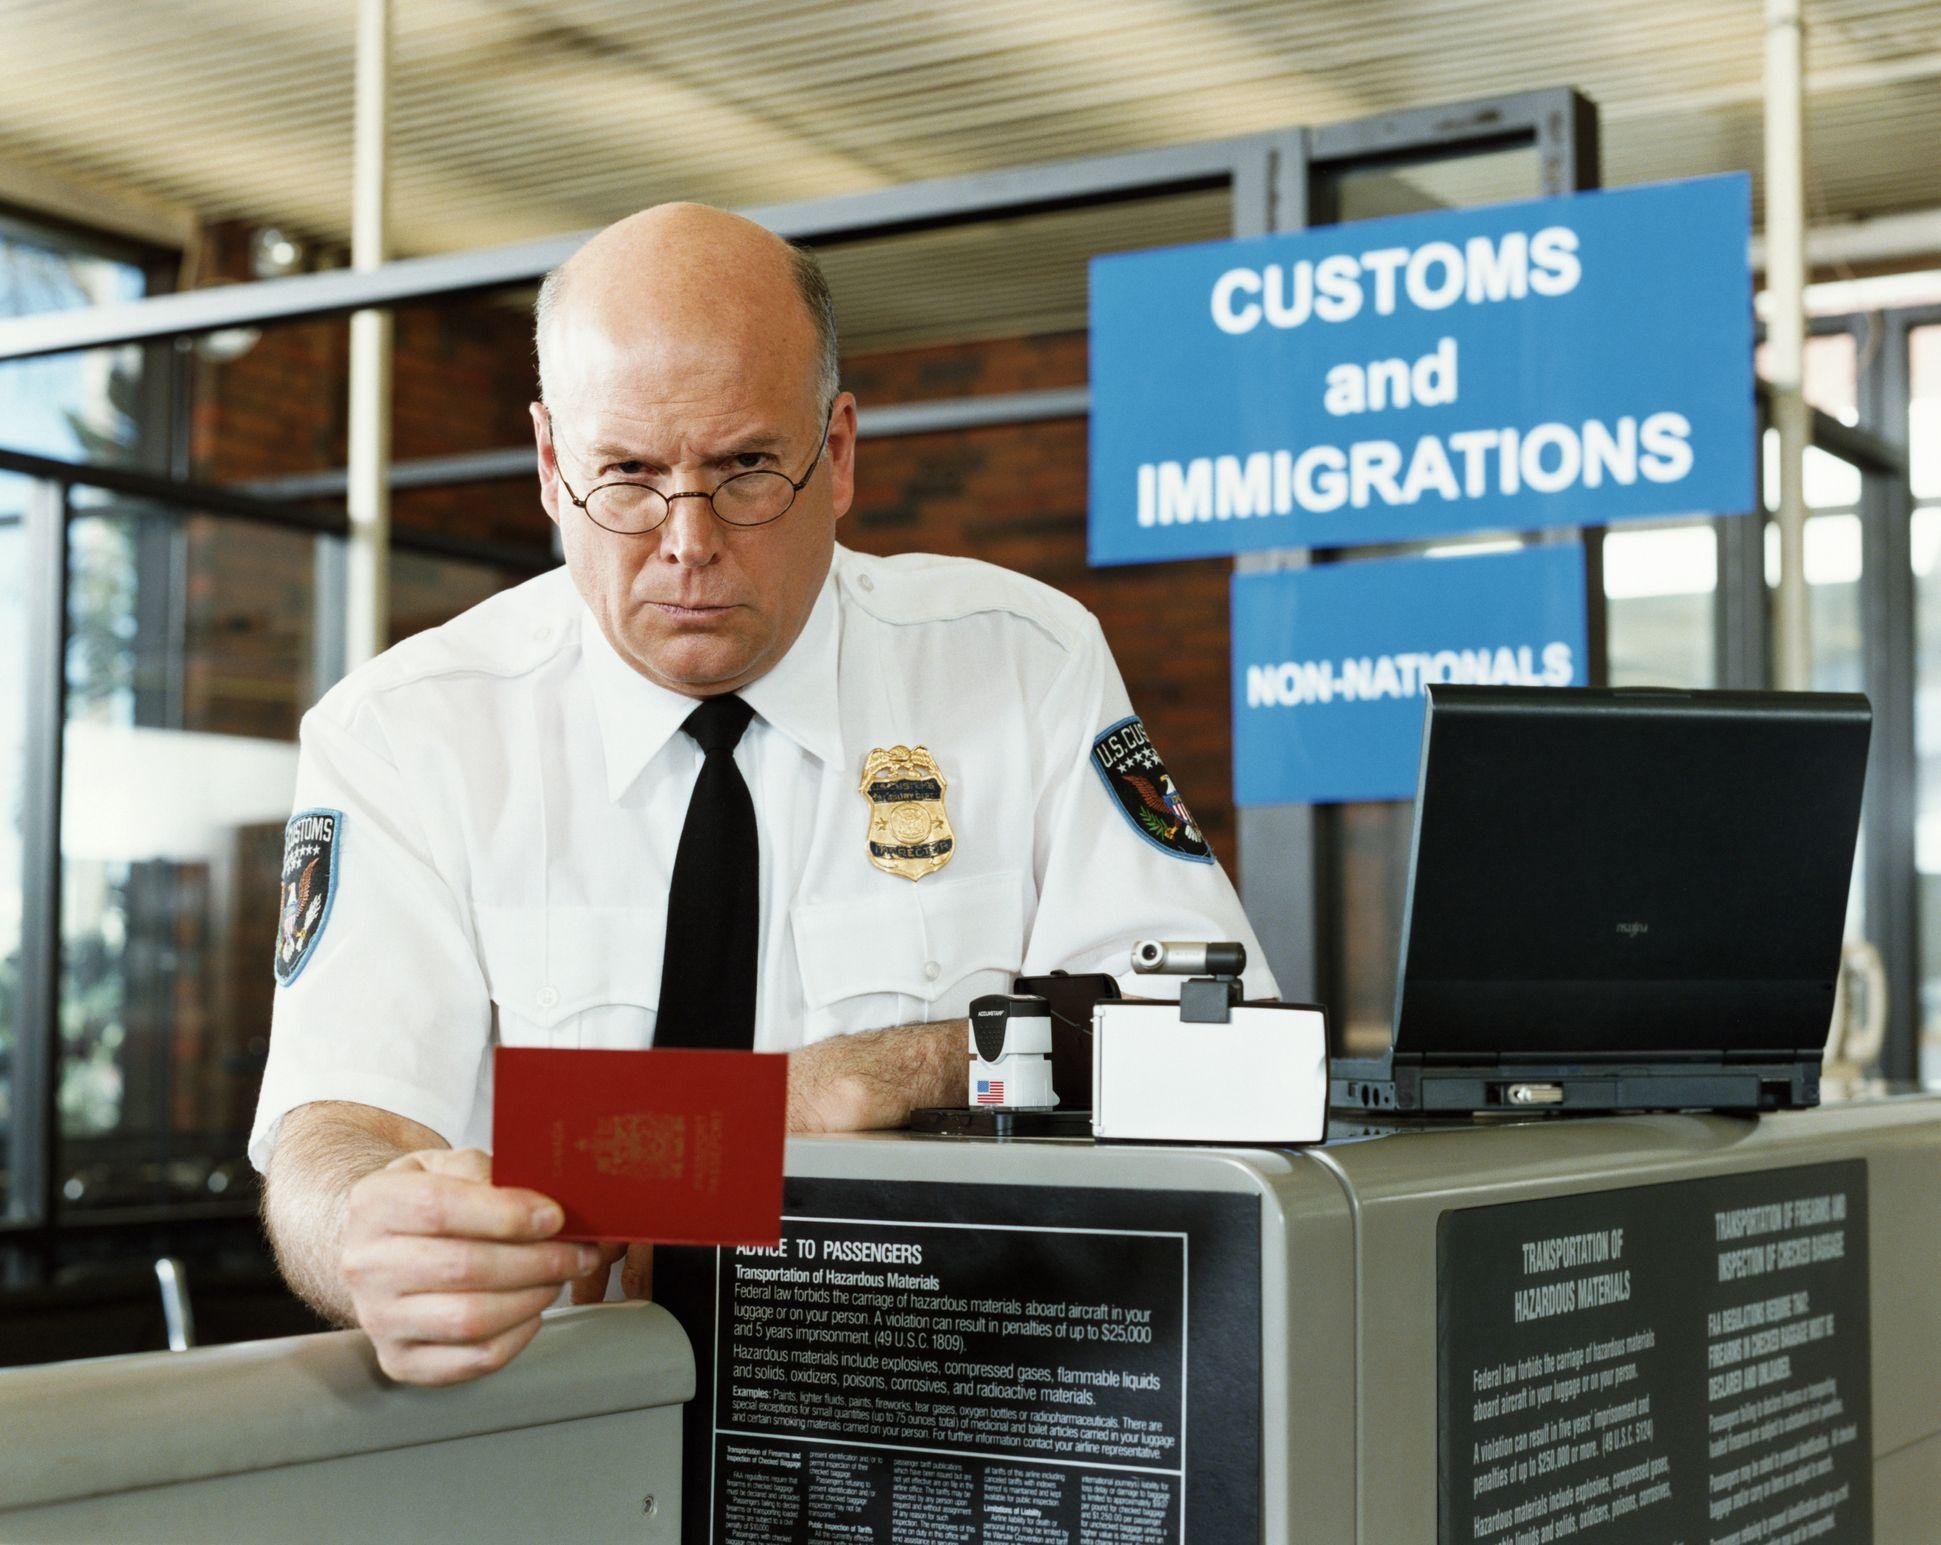 Визовый офицер проверяет документы